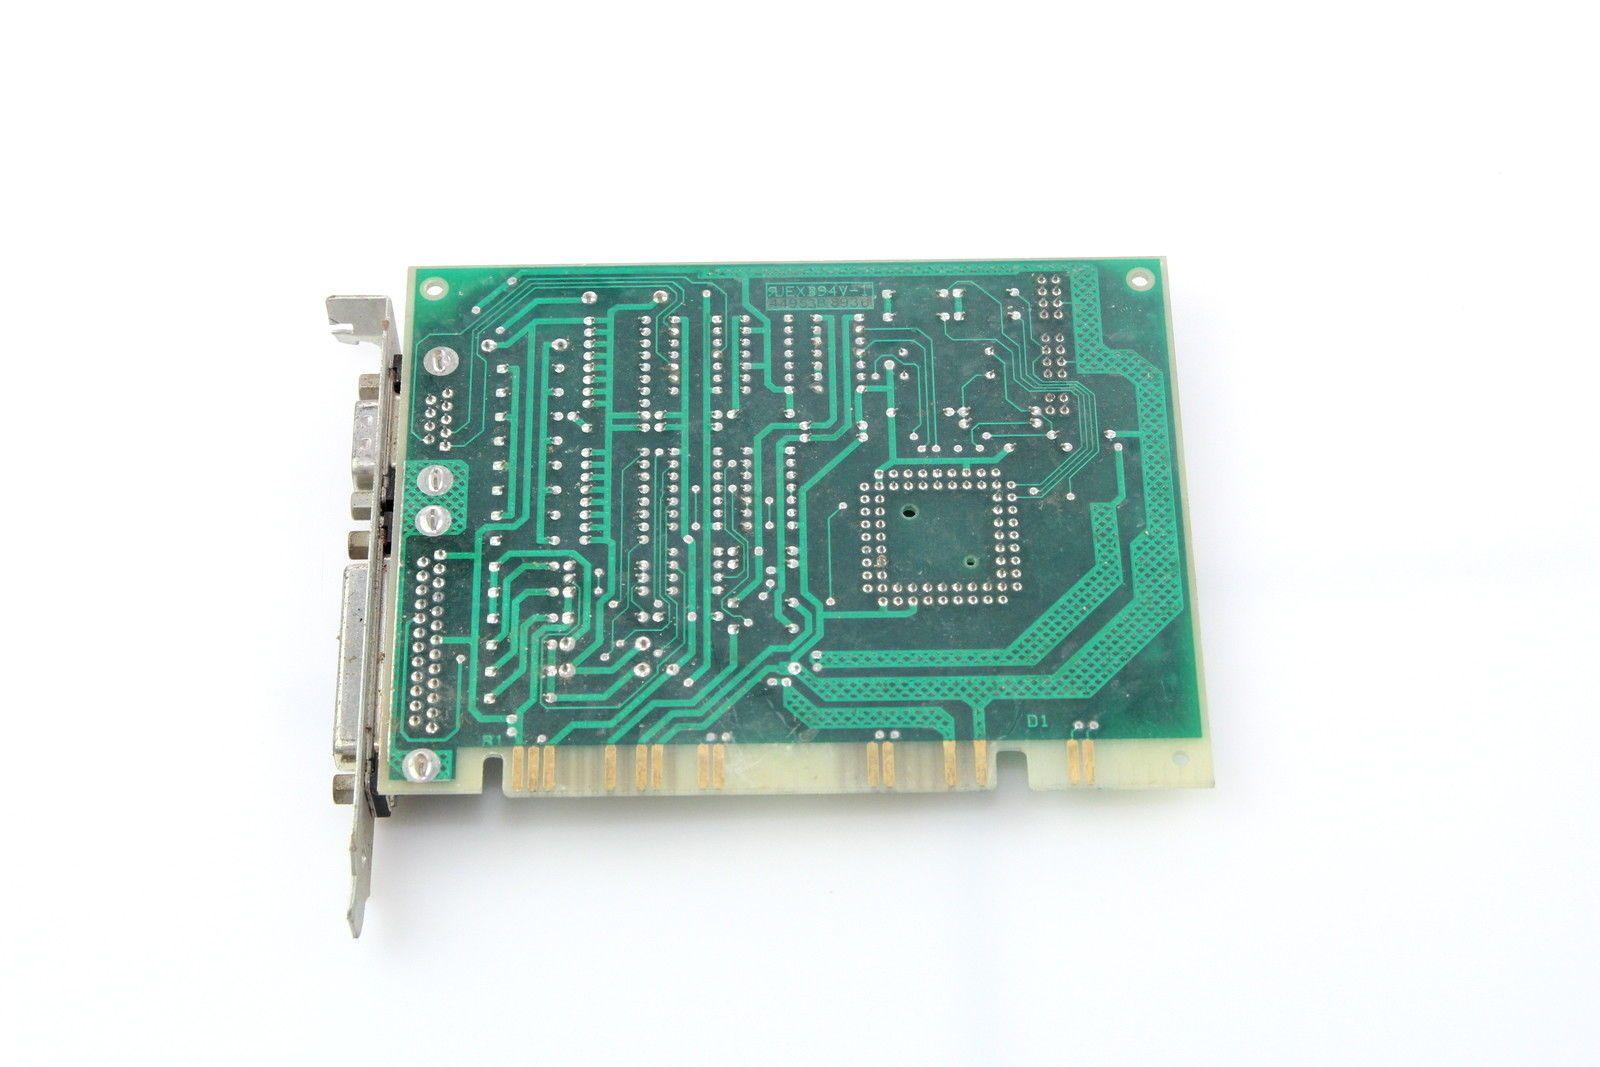 Карточка 24541-60031 DAQ доски промышленного оборудования для машины hp